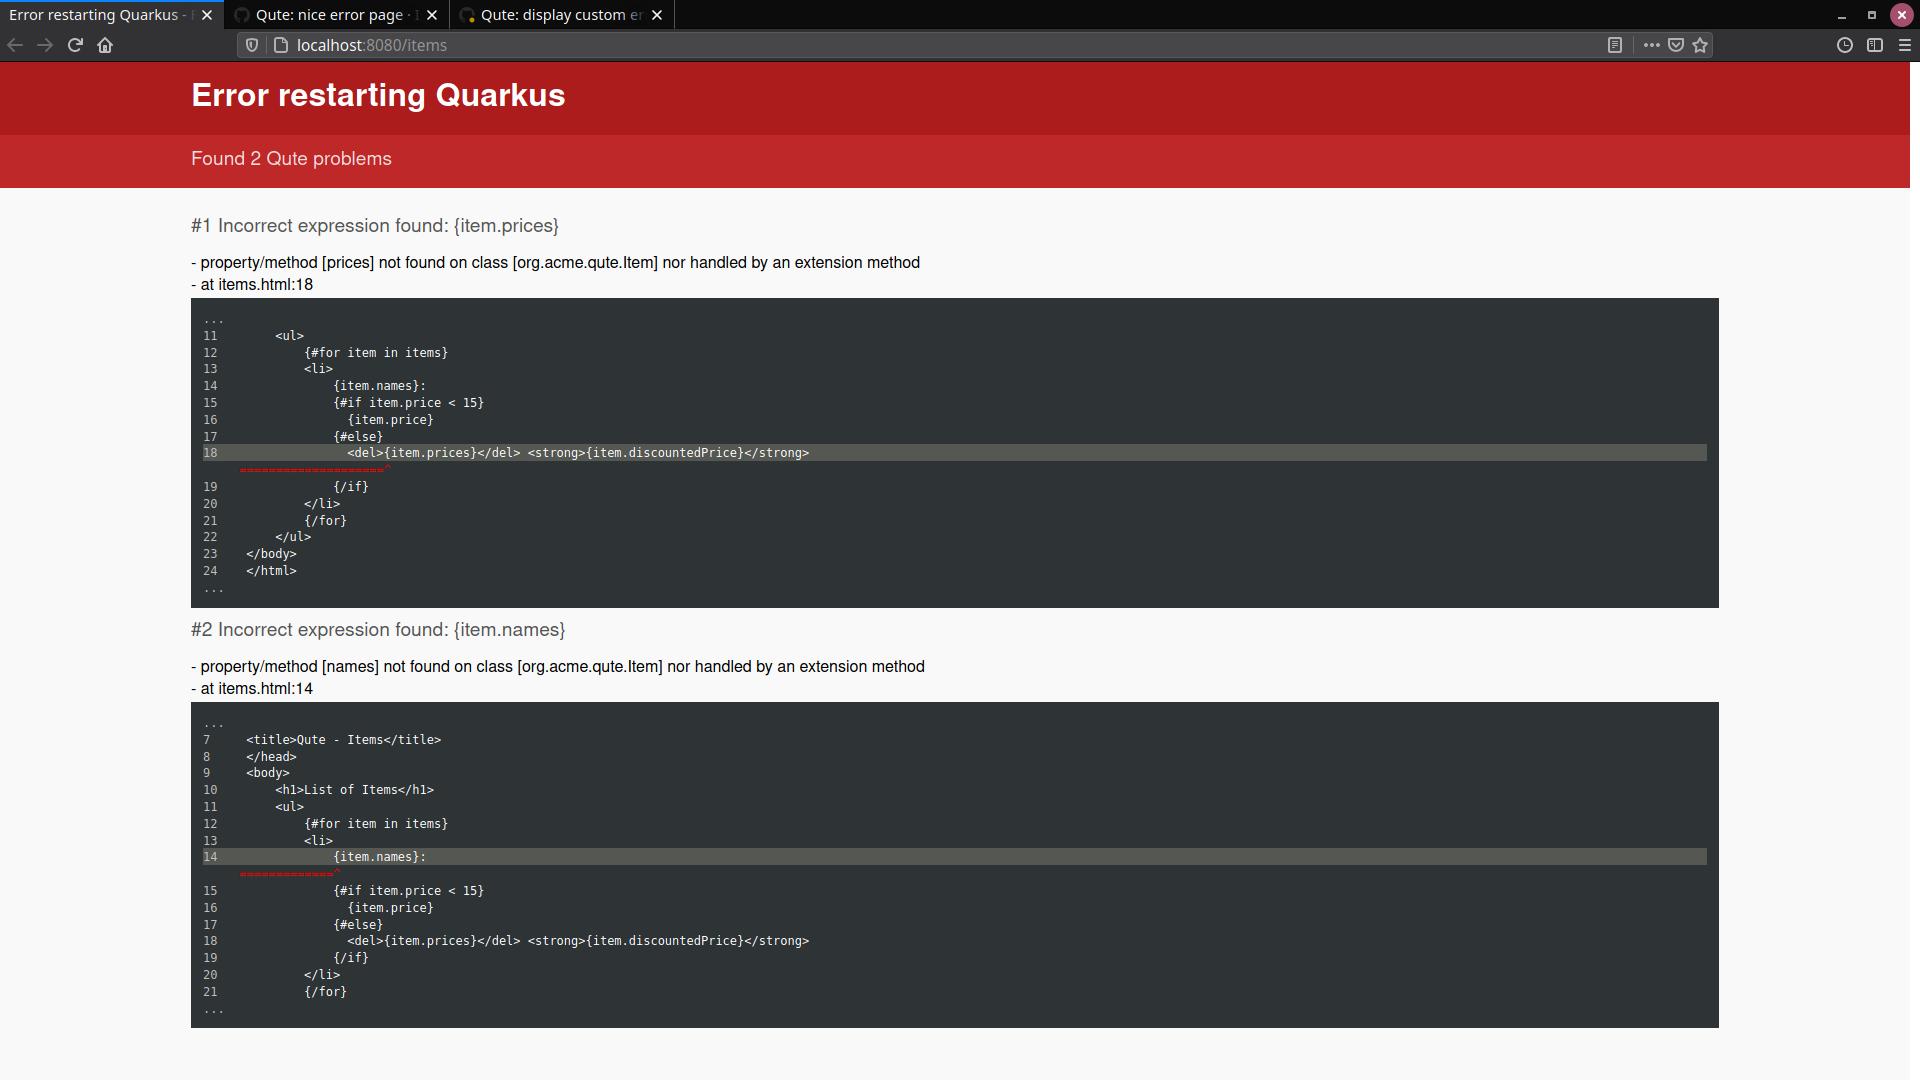 https://quarkus.io/assets/images/posts/quarkus-1-10-2-final-released/qute-error-page.png